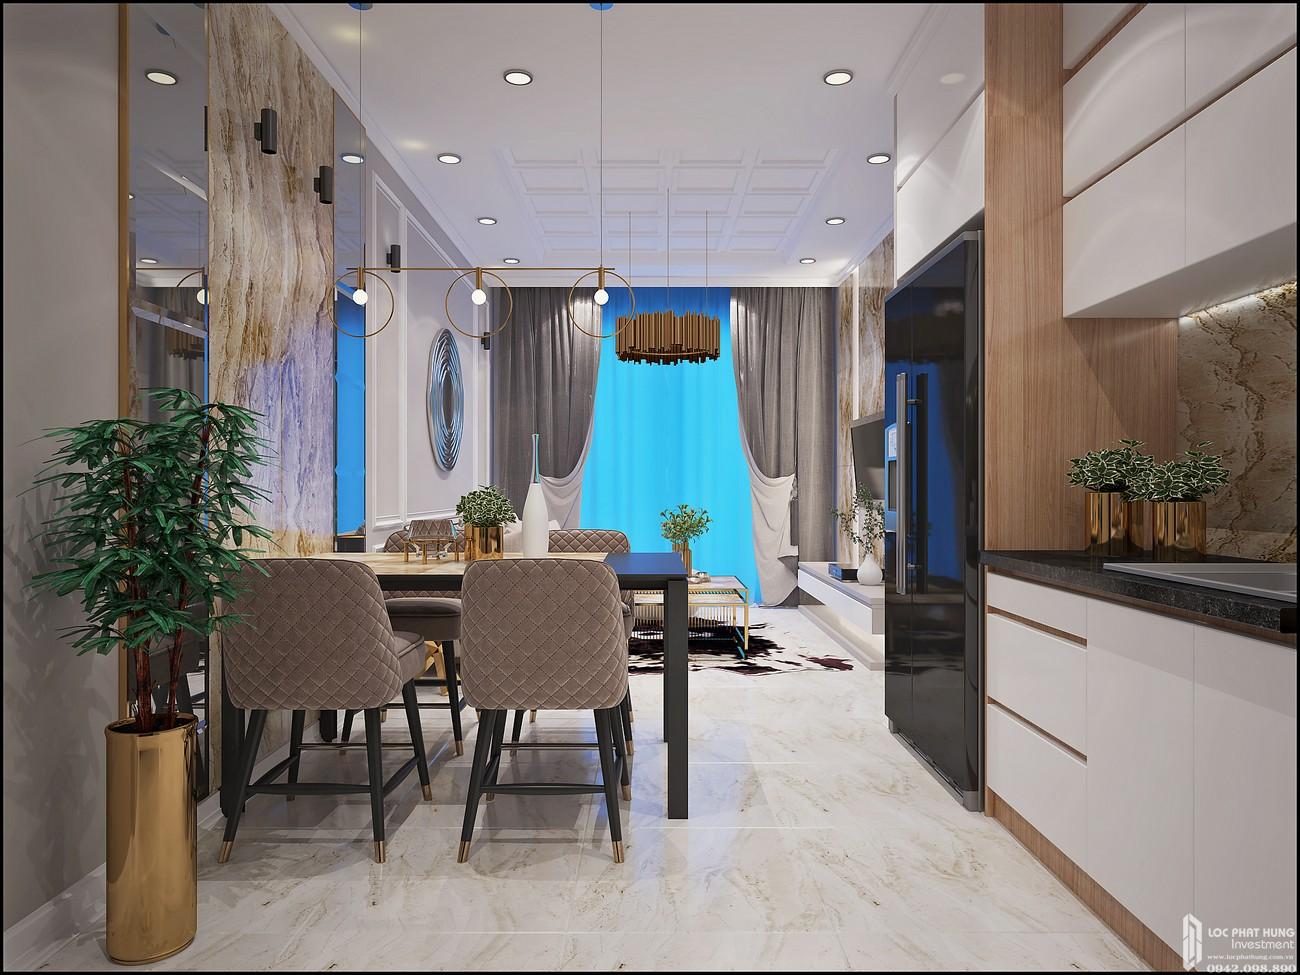 Phòng bếp Căn Hộ 3PN chung cư Bcons Miền Đông Dĩ An Đường Tân Lập chủ đầu tư Bcons